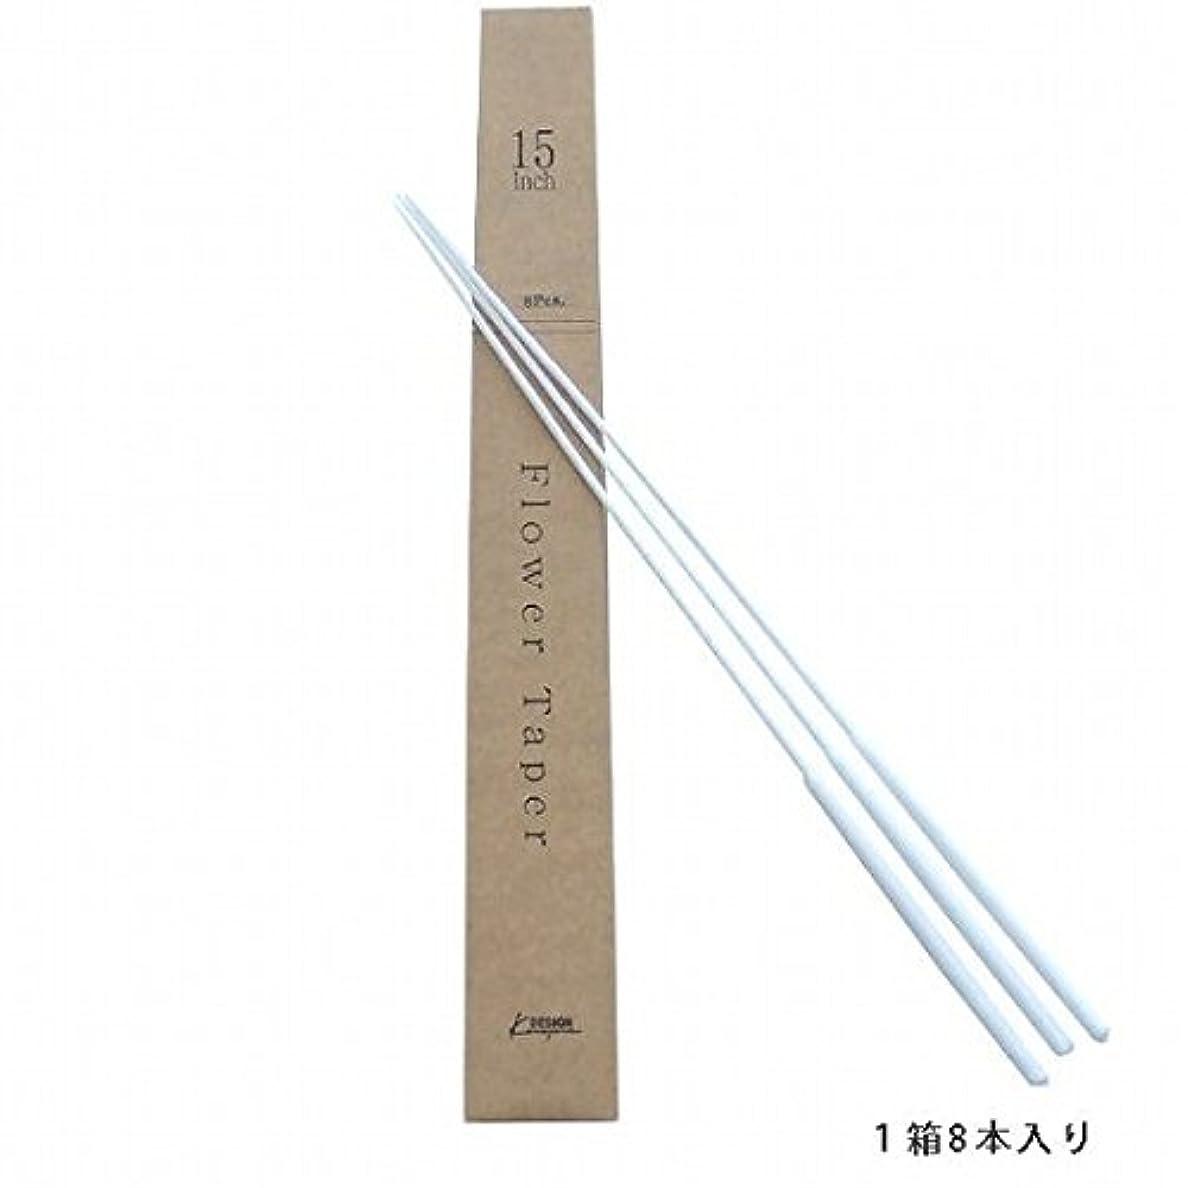 合図刻むびっくりしたkameyama candle(カメヤマキャンドル) 15インチトーチ用フラワーテーパー 8本入 「 ホワイト 」(71839998W)